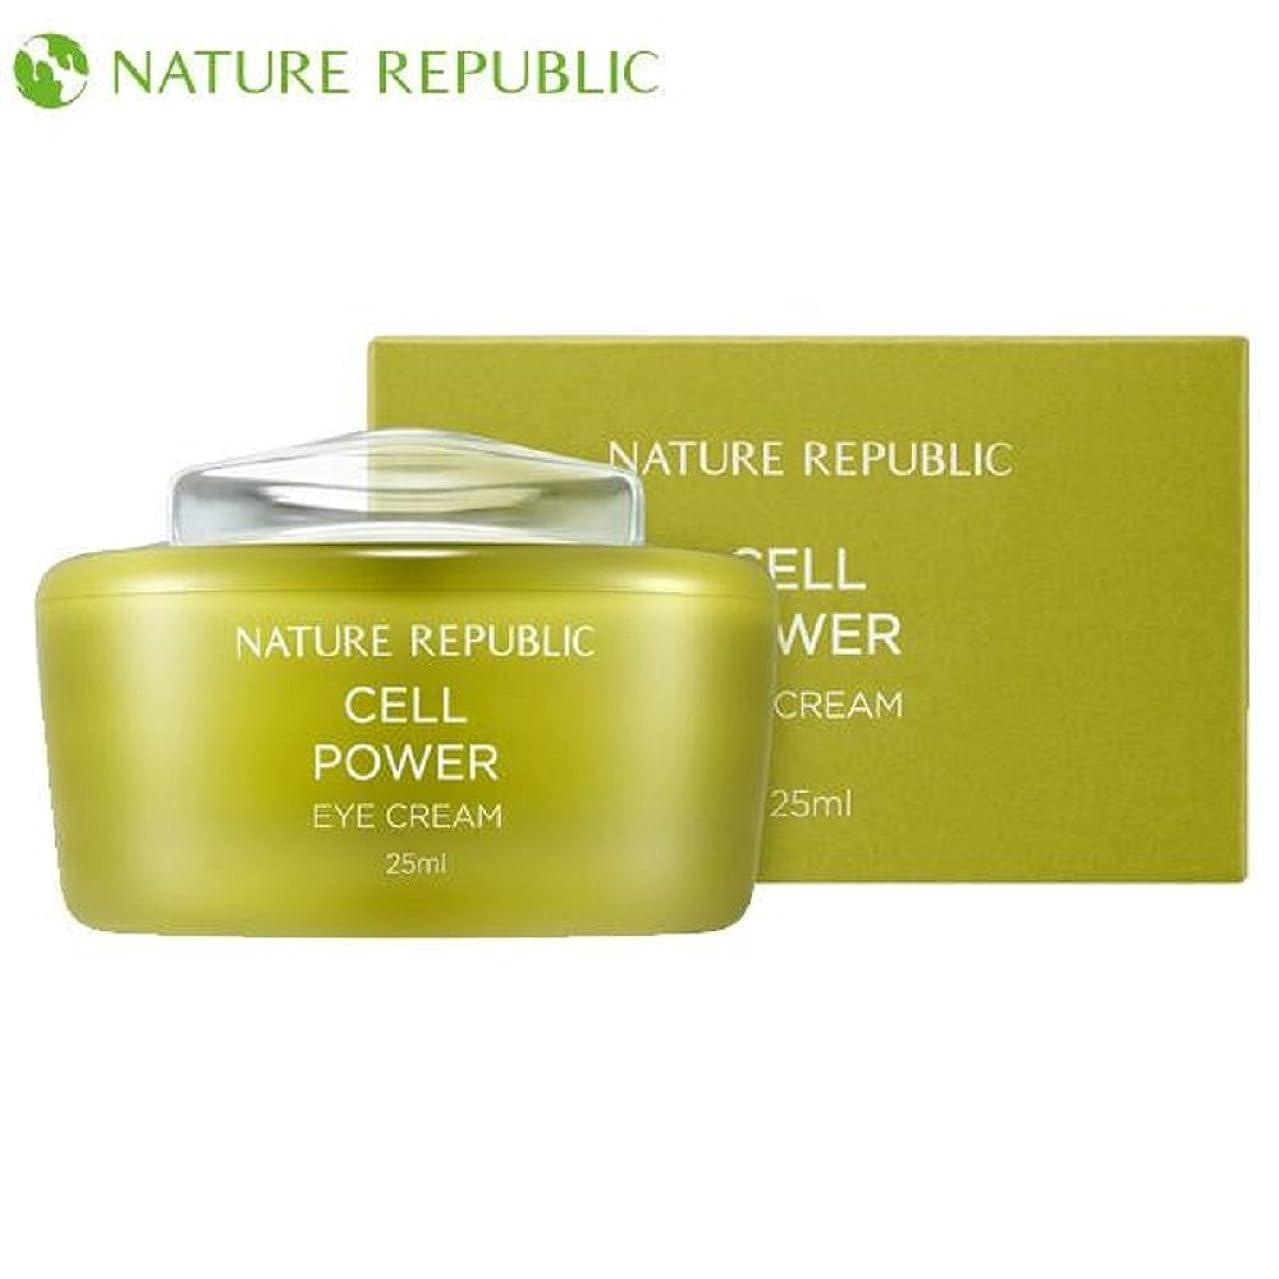 によって乏しい阻害する正規輸入品 NATURE REPUBLIC(ネイチャーリパブリック) CP アイクリーム 25ml NJ1175